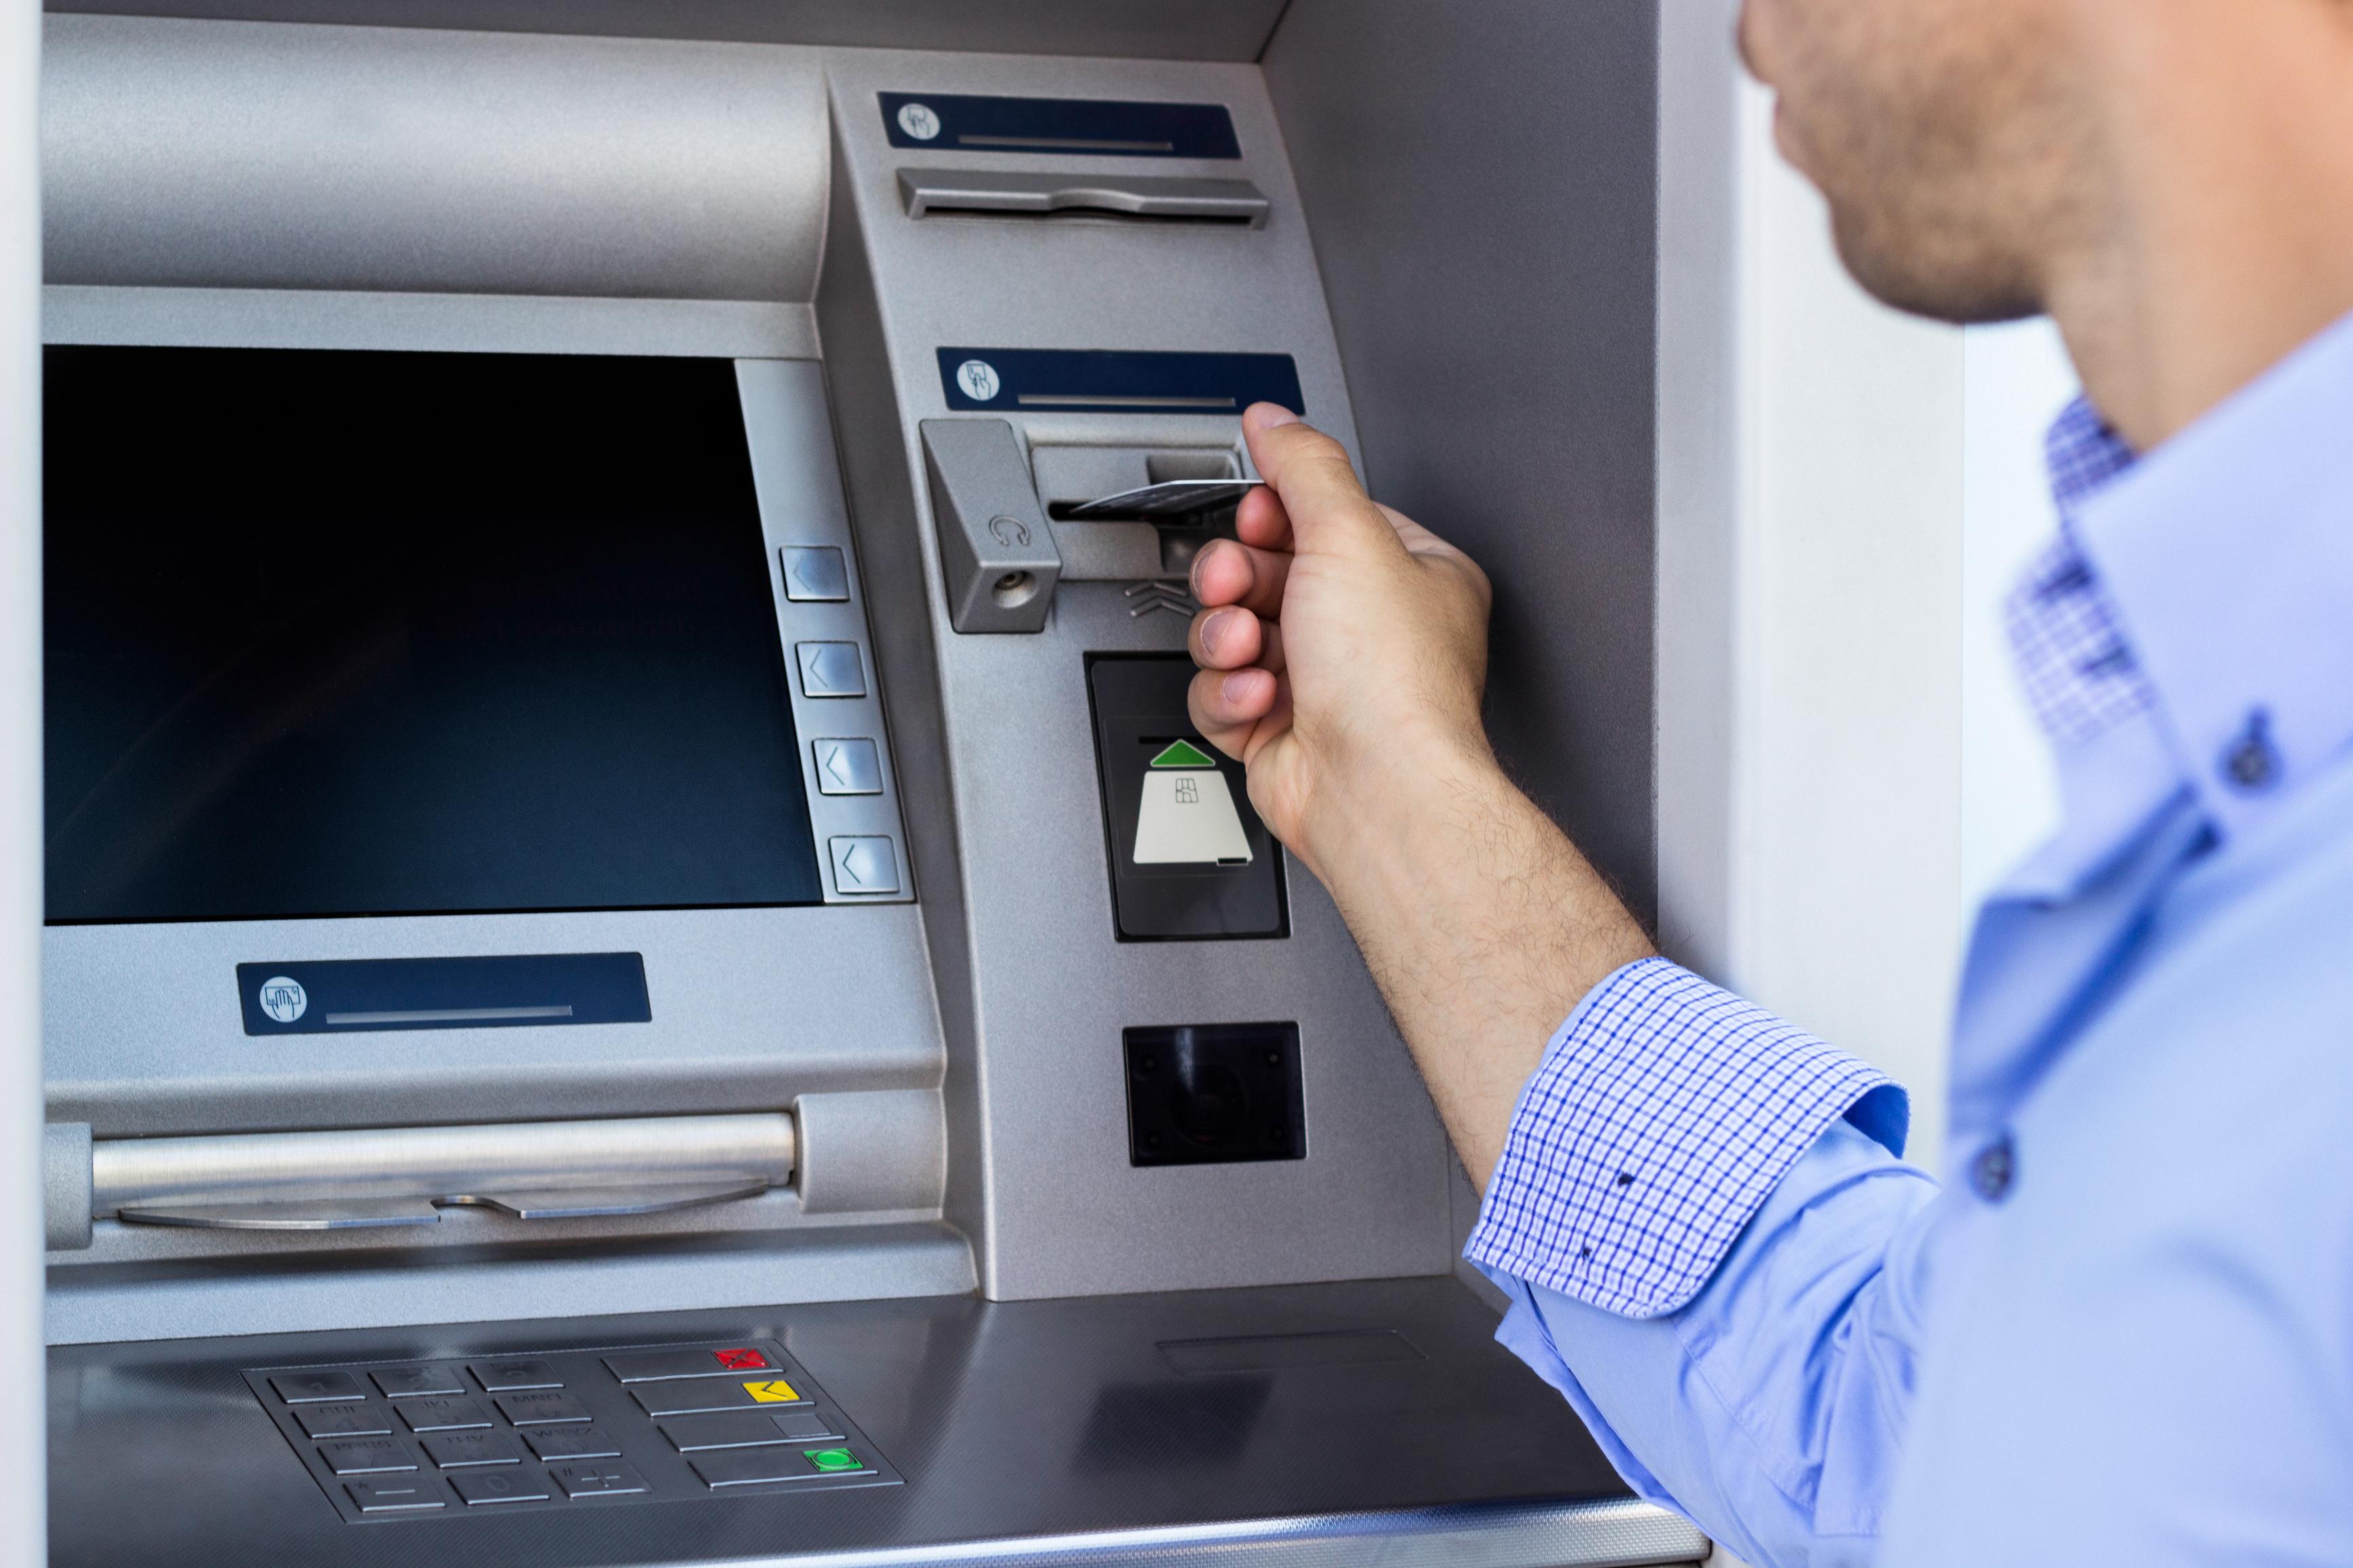 Zniszczył bankomat, bo wydał mu za dużo pieniędzy